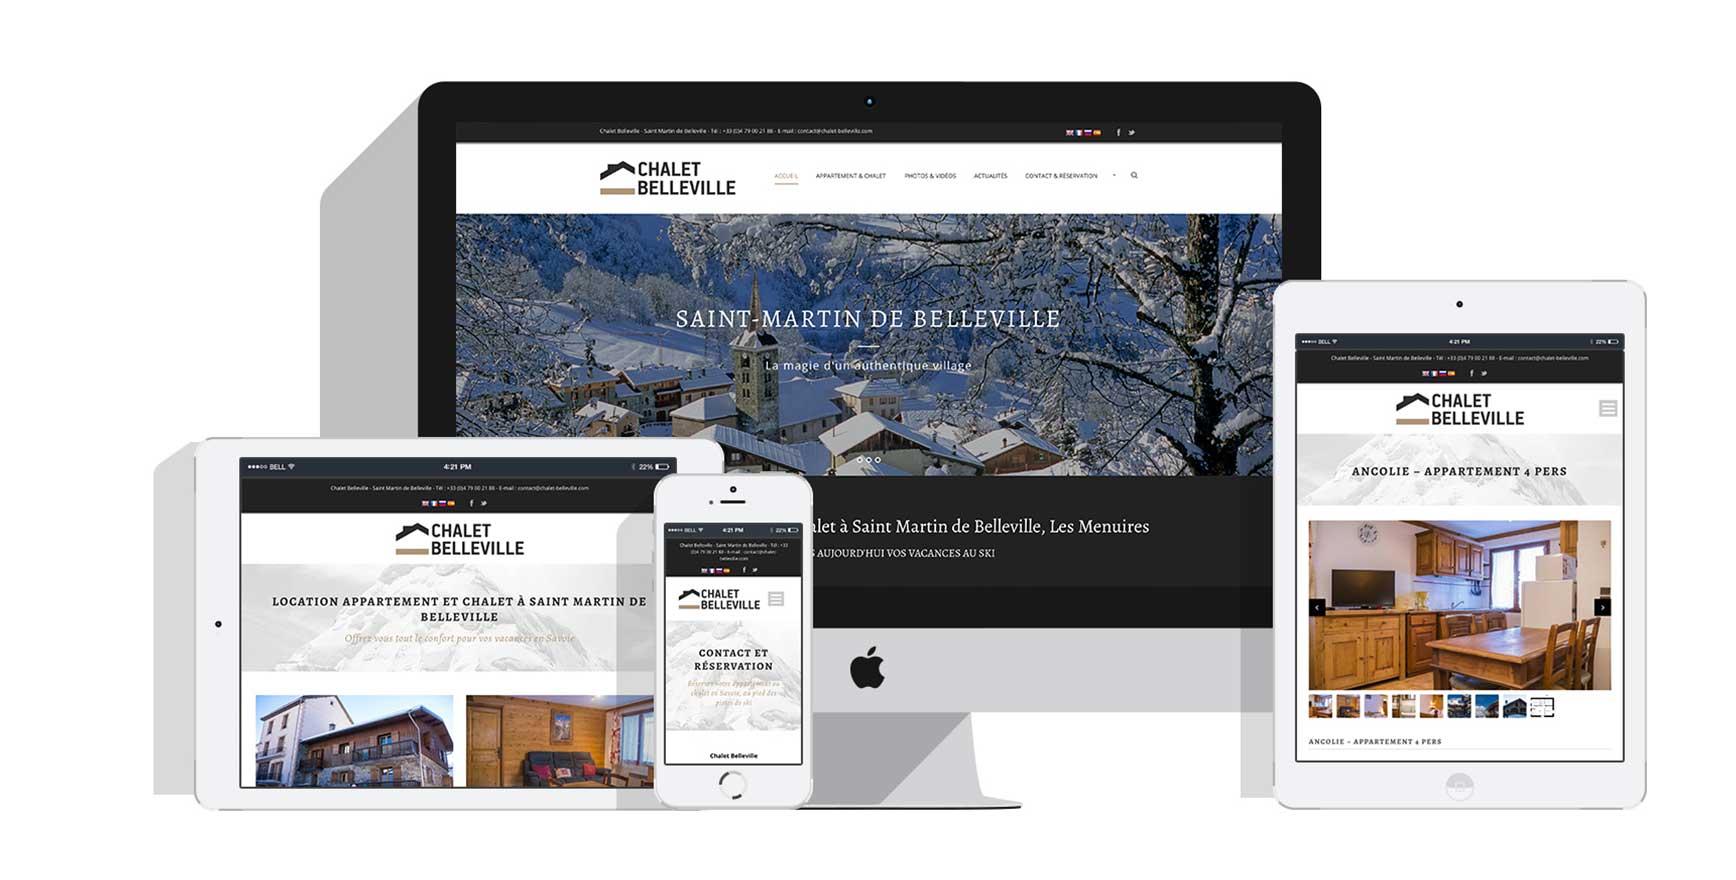 portfolio-chalet-belleville-florence-lau-la-ligne-graphique-graphiste-webdesigner-savoie-tarentaise-meribel-menuires-val-thorens-courchevel